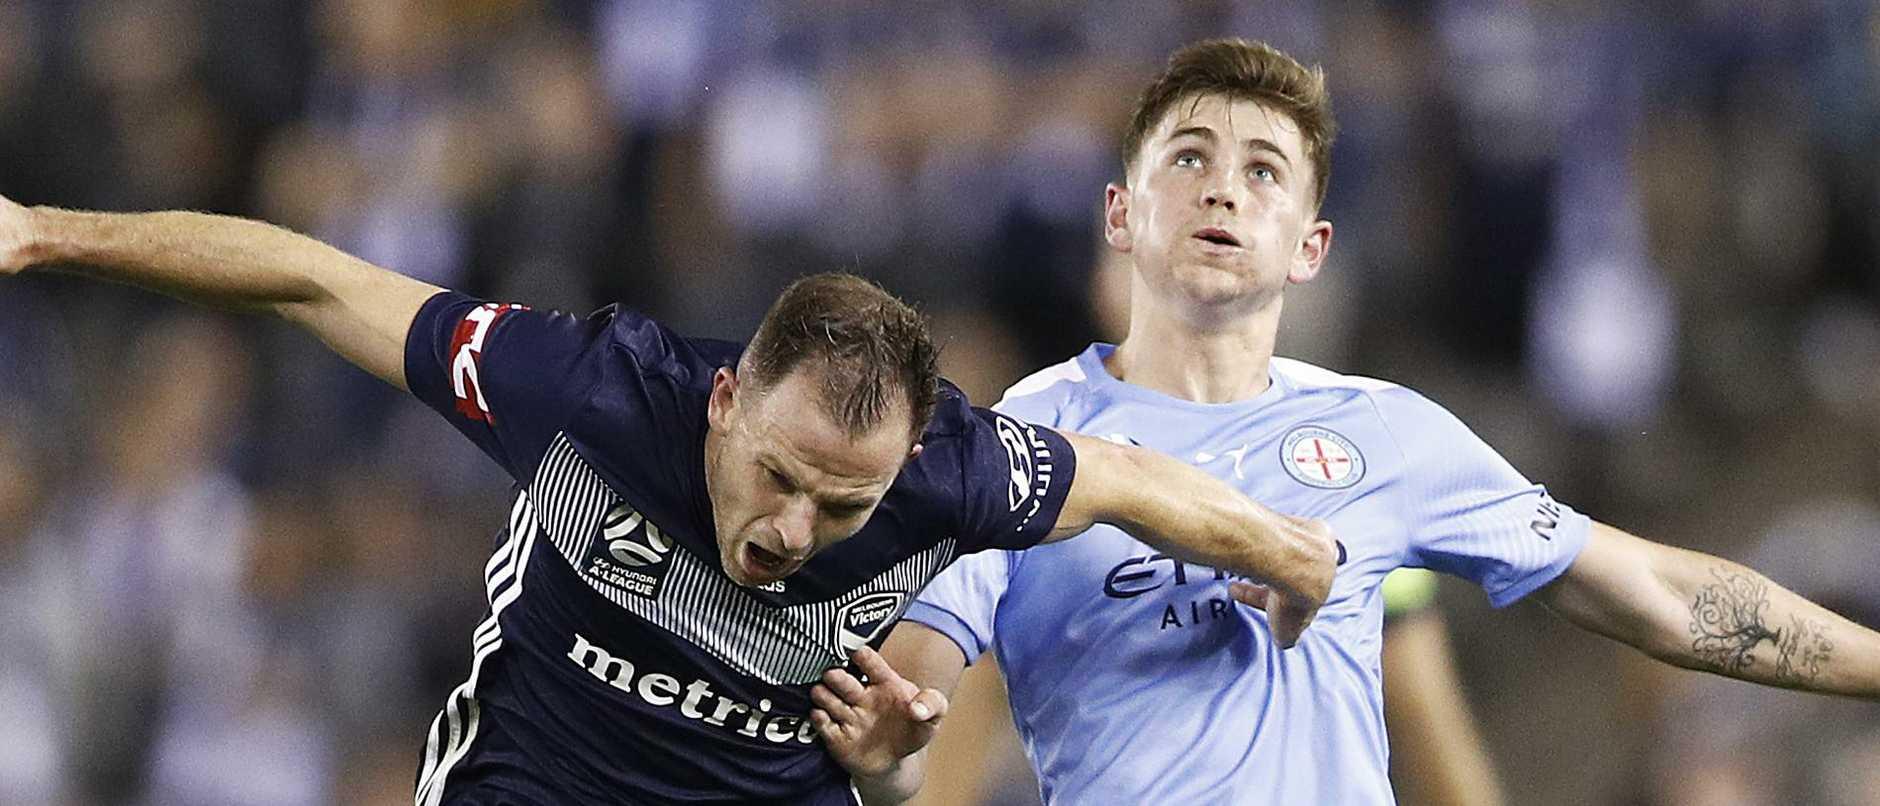 A-League Rd 1 - Melbourne Victory v Melbourne City